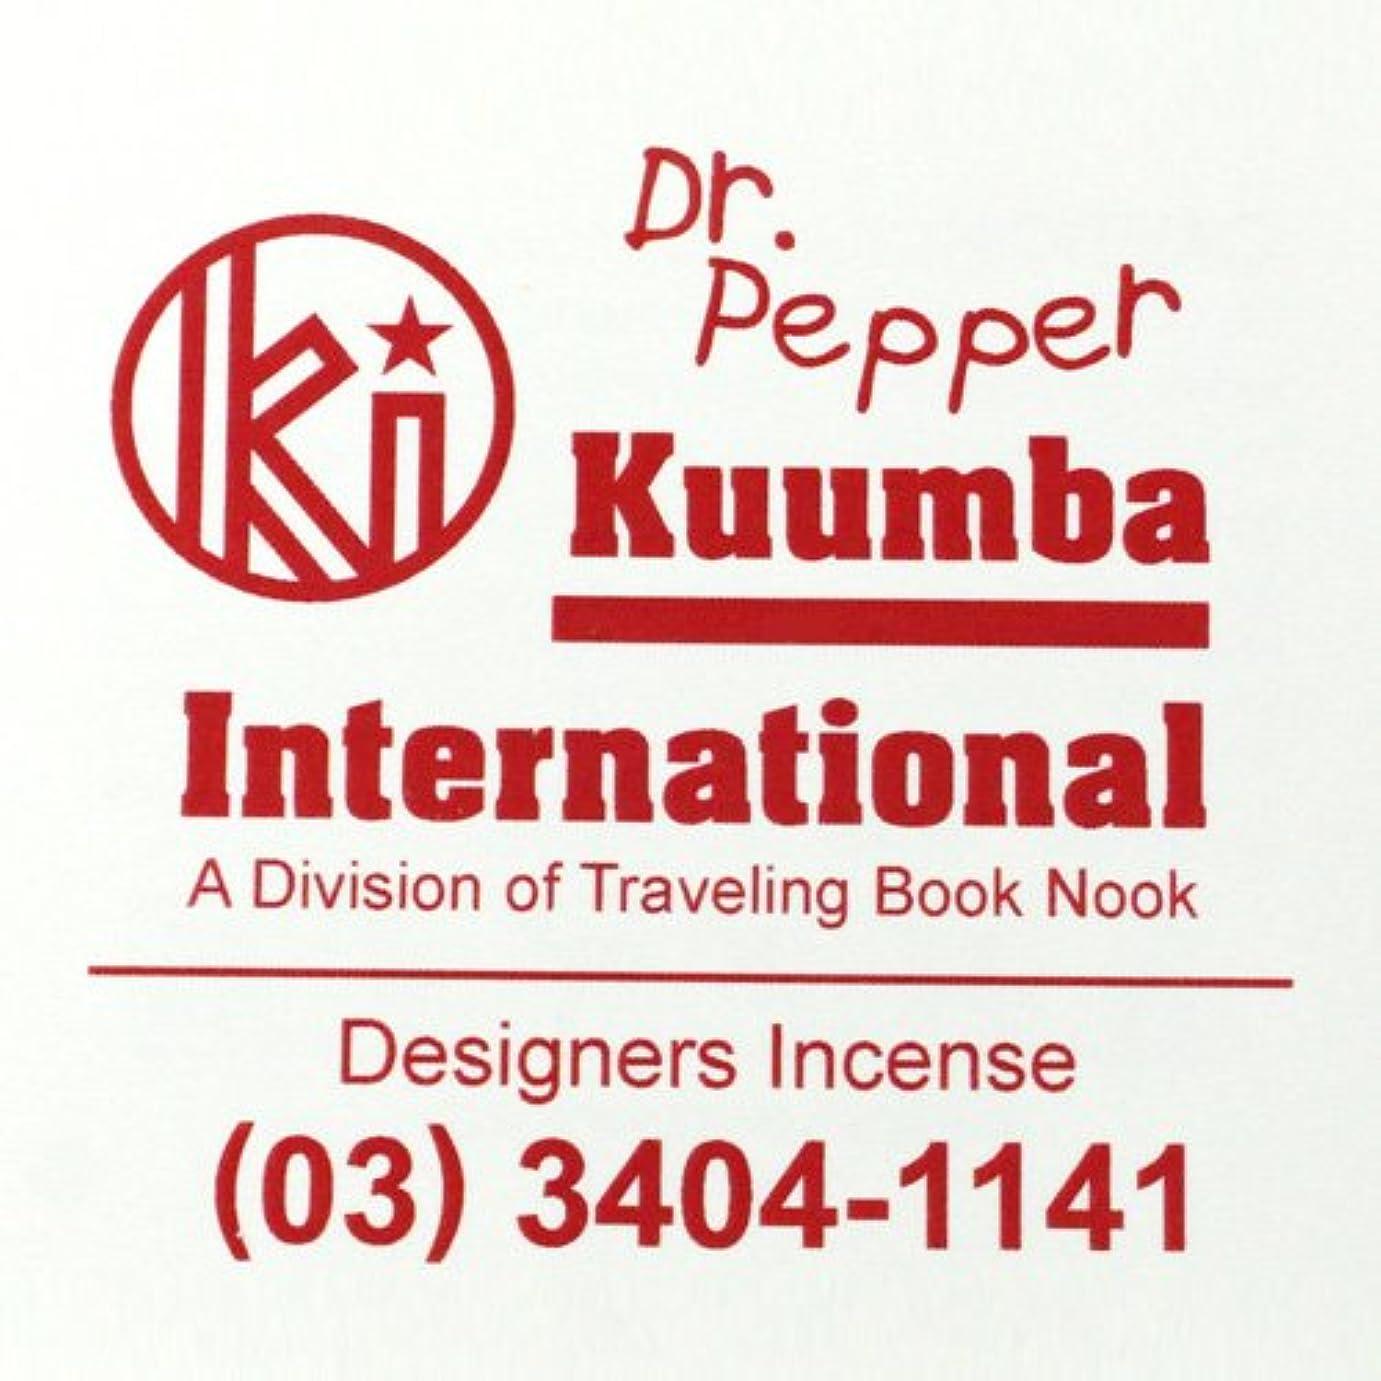 動揺させる脅迫飼いならすKUUMBA (クンバ)『incense』(Dr.Pepper) (Regular size)